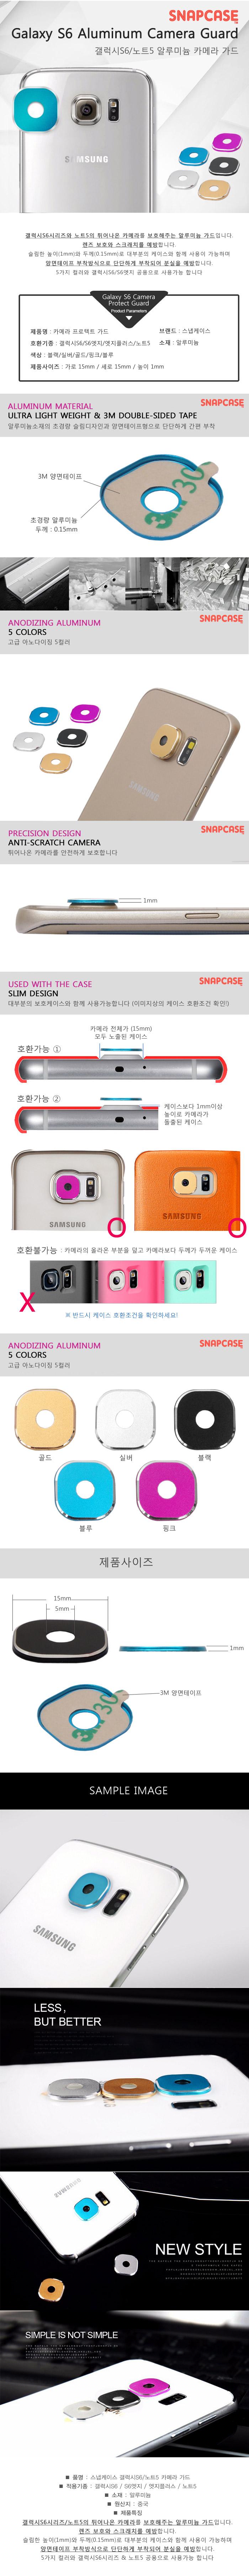 스냅케이스 갤럭시S6 S6엣지 알루미늄 카메라 가드 - 스냅케이스, 3,900원, 셀피렌즈/봉/셀피ACC, 셀카악세서리